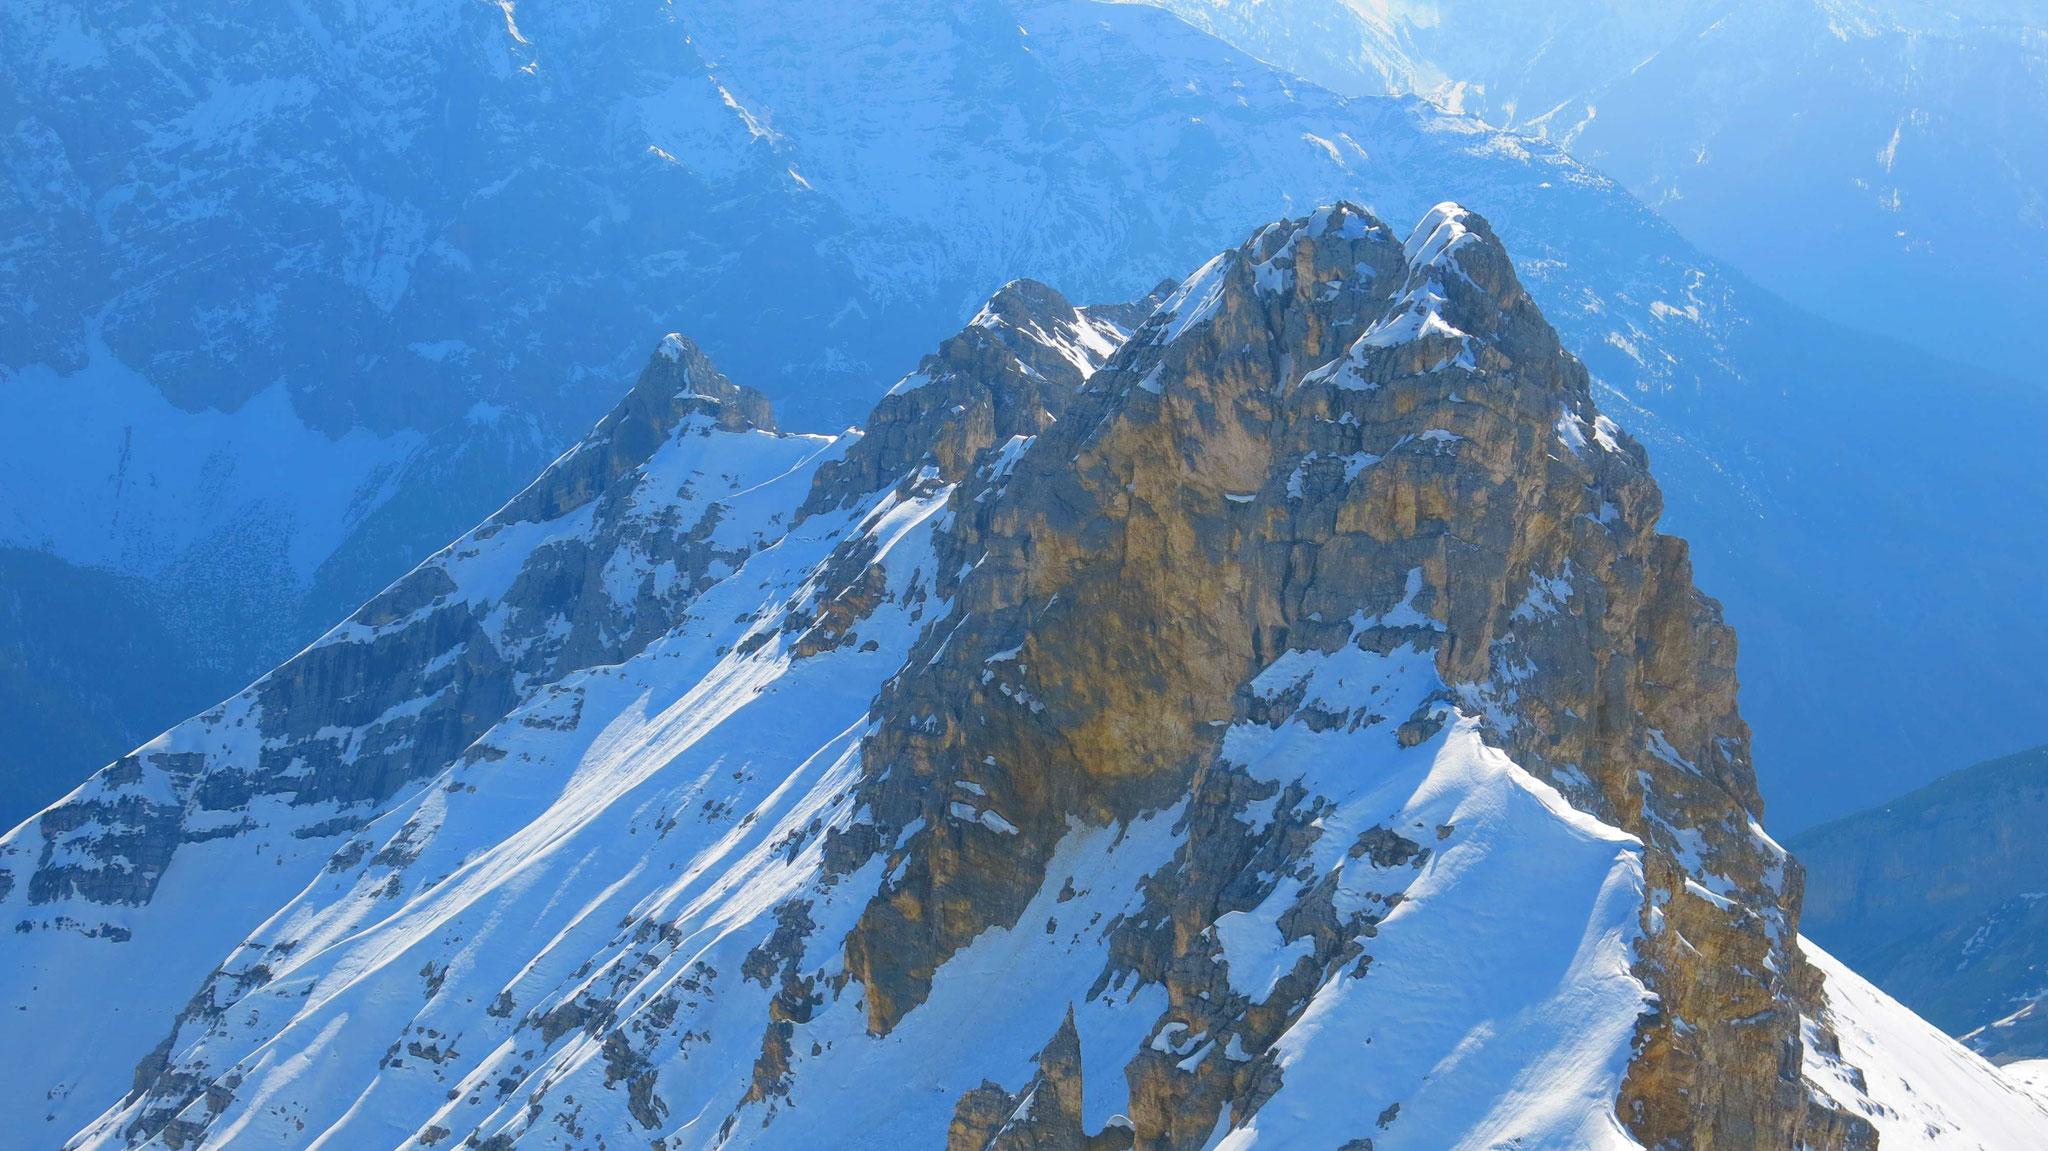 Oberer Spitzhüttenkopf